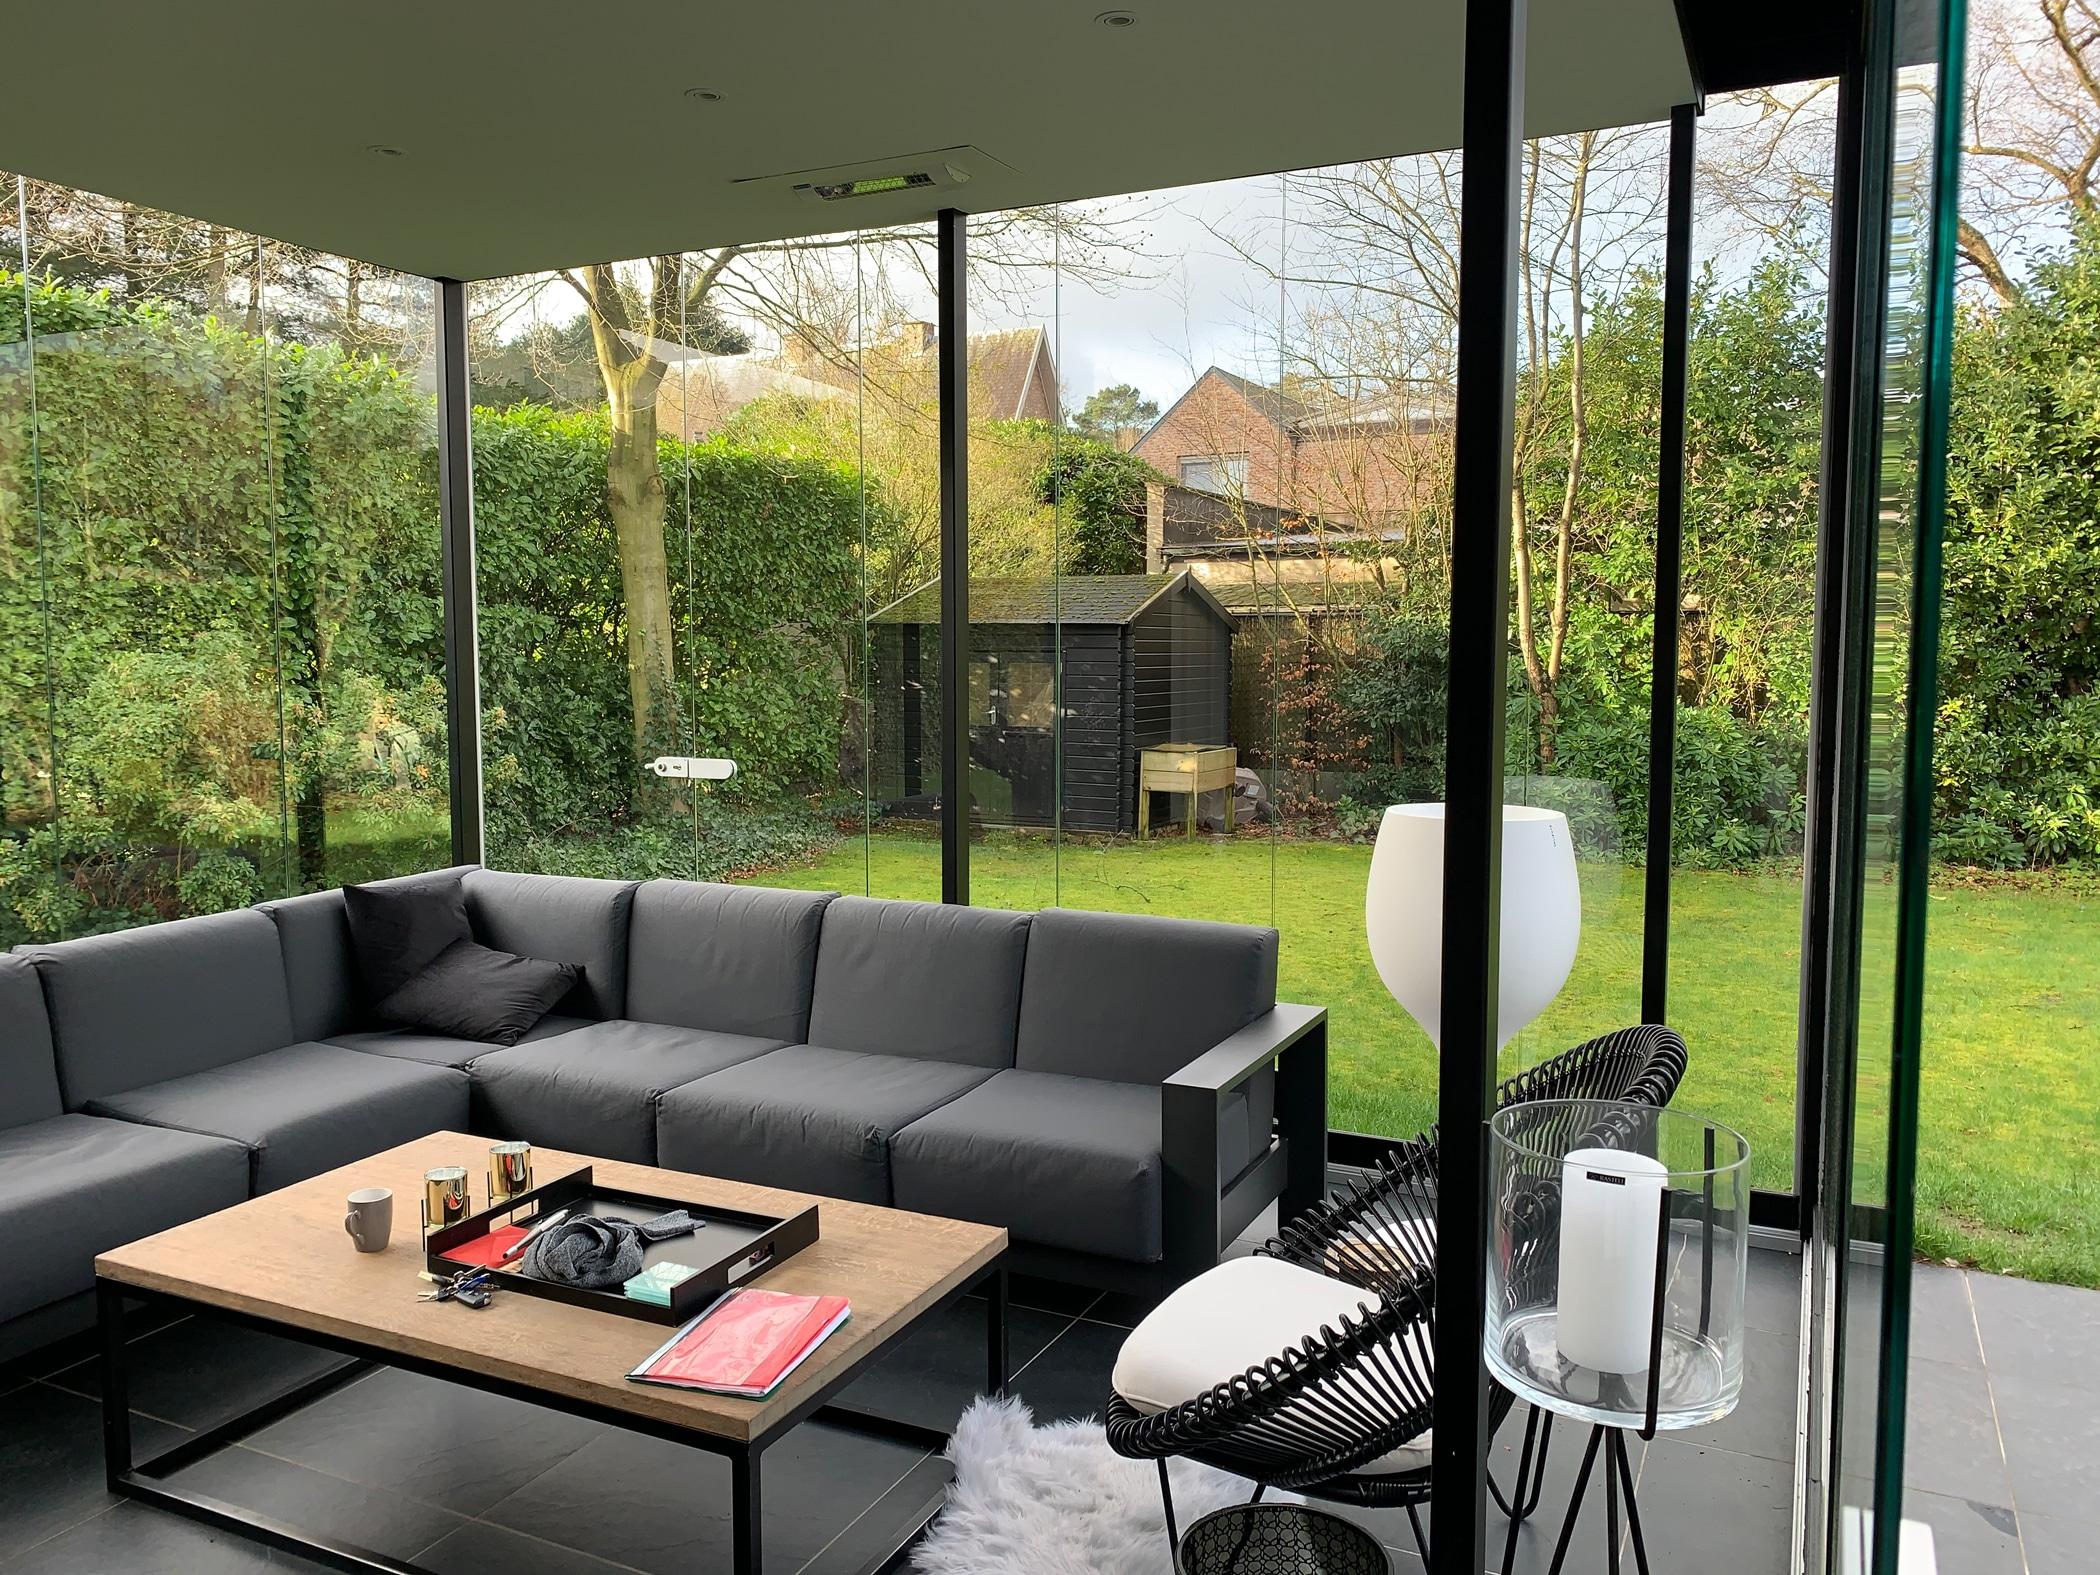 Sunflex Schiebe-Dreh-Systeme für Wintergärten